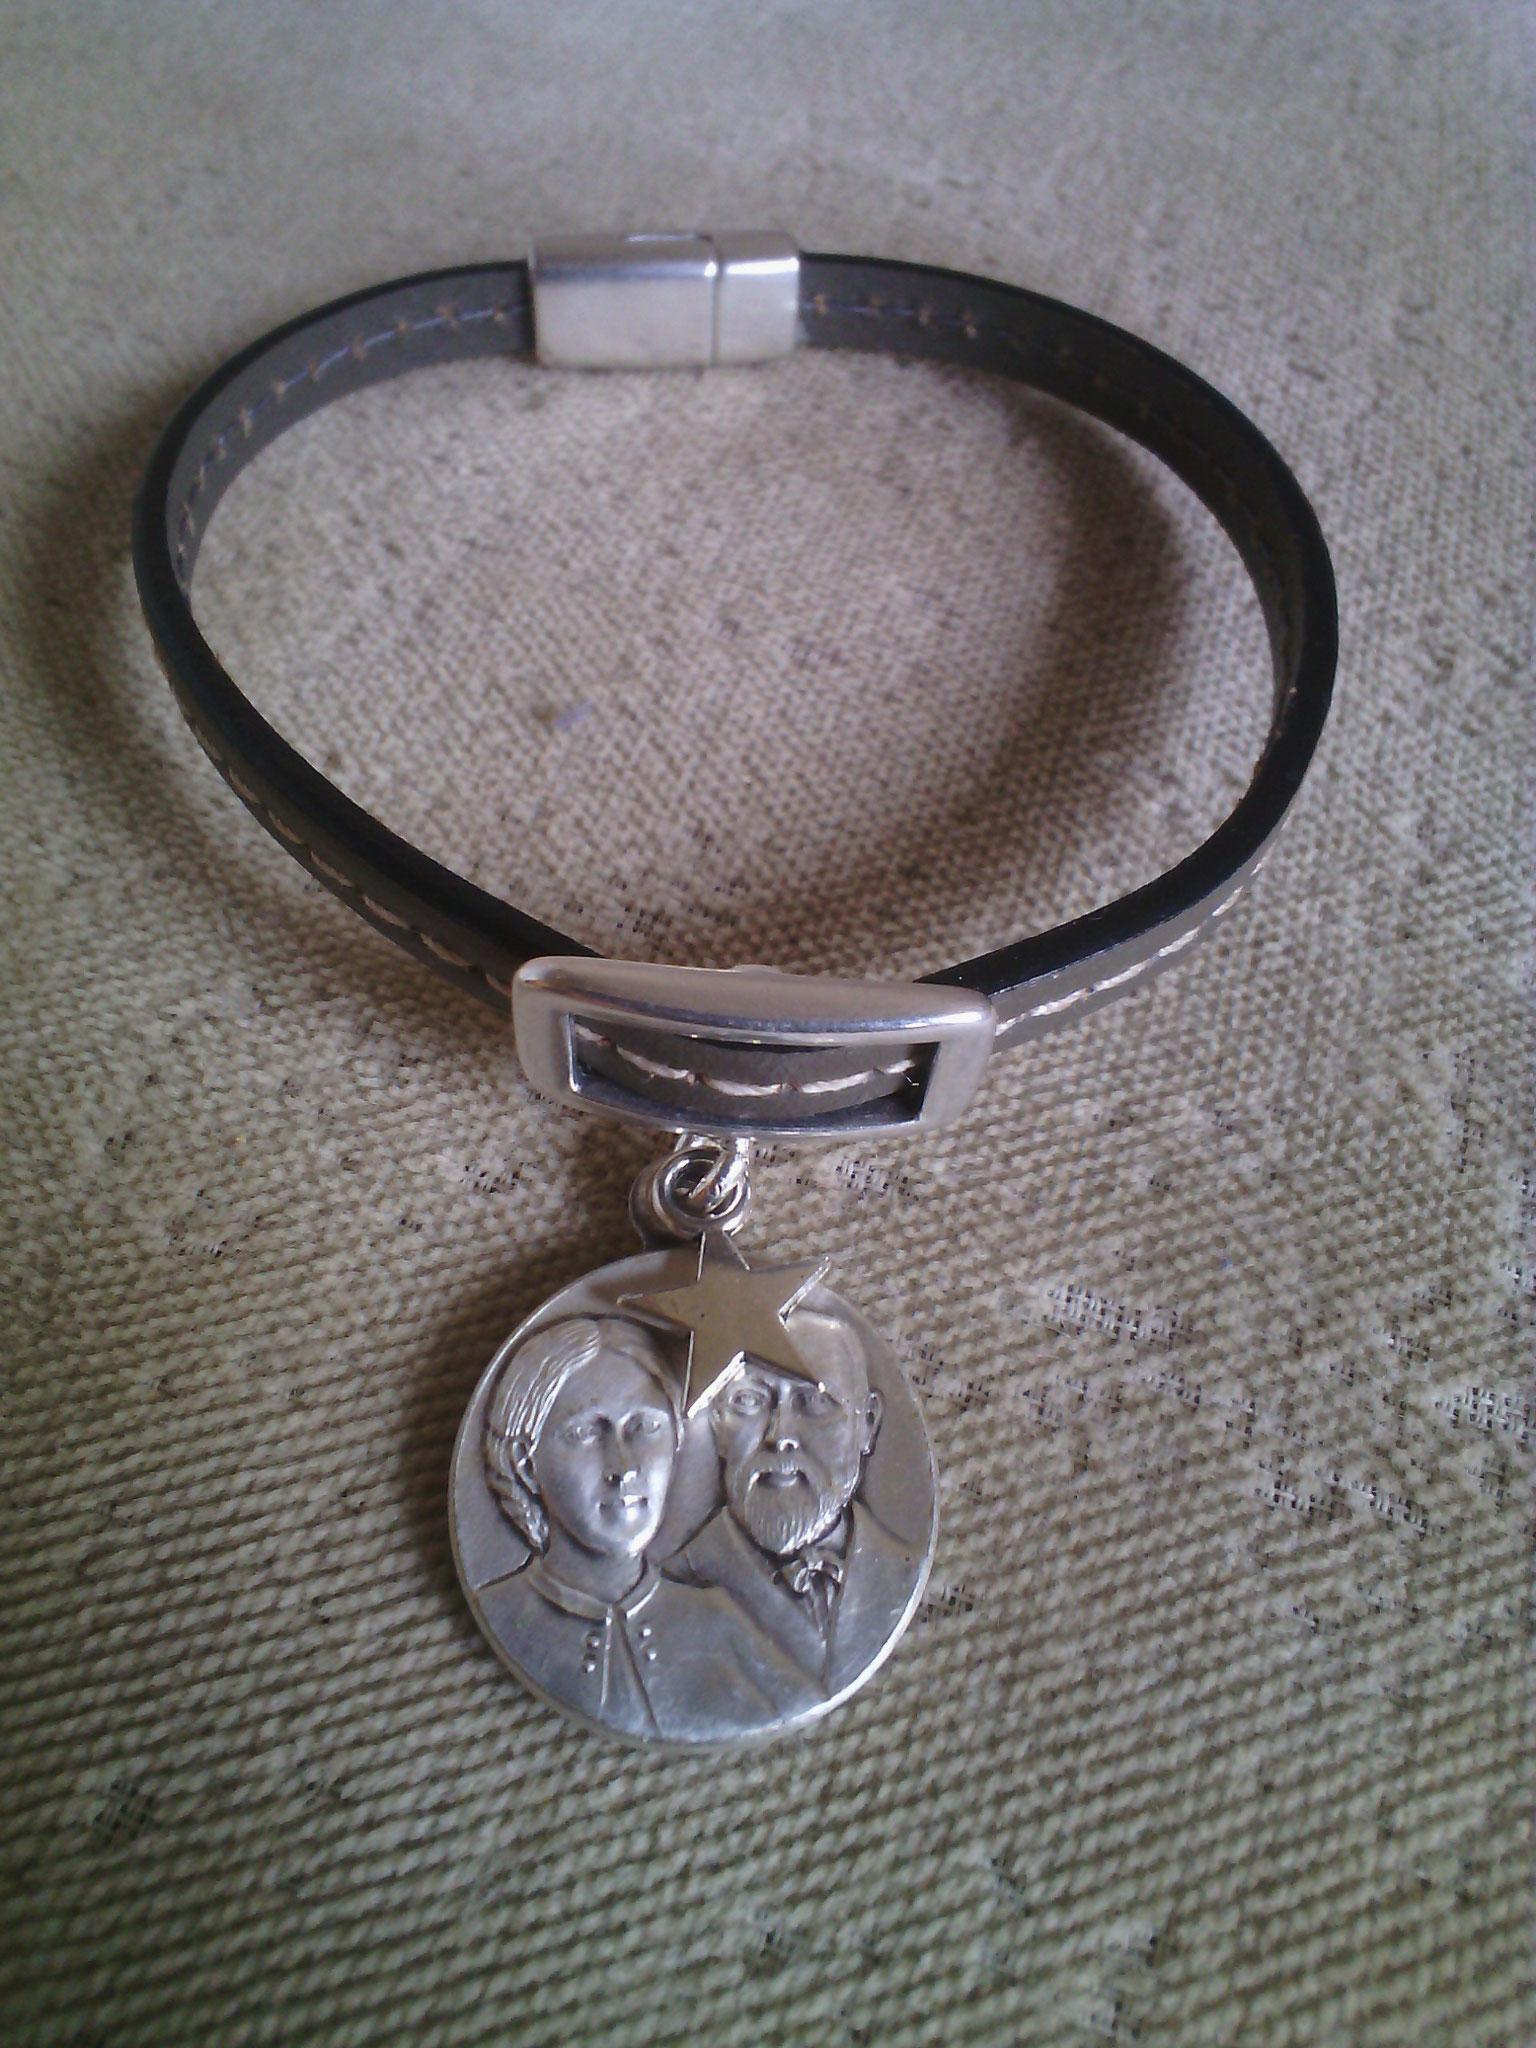 Bracelet cuir Louis et Zélie, fermoir magnétique, 15euros (différentes couleurs de cuir)